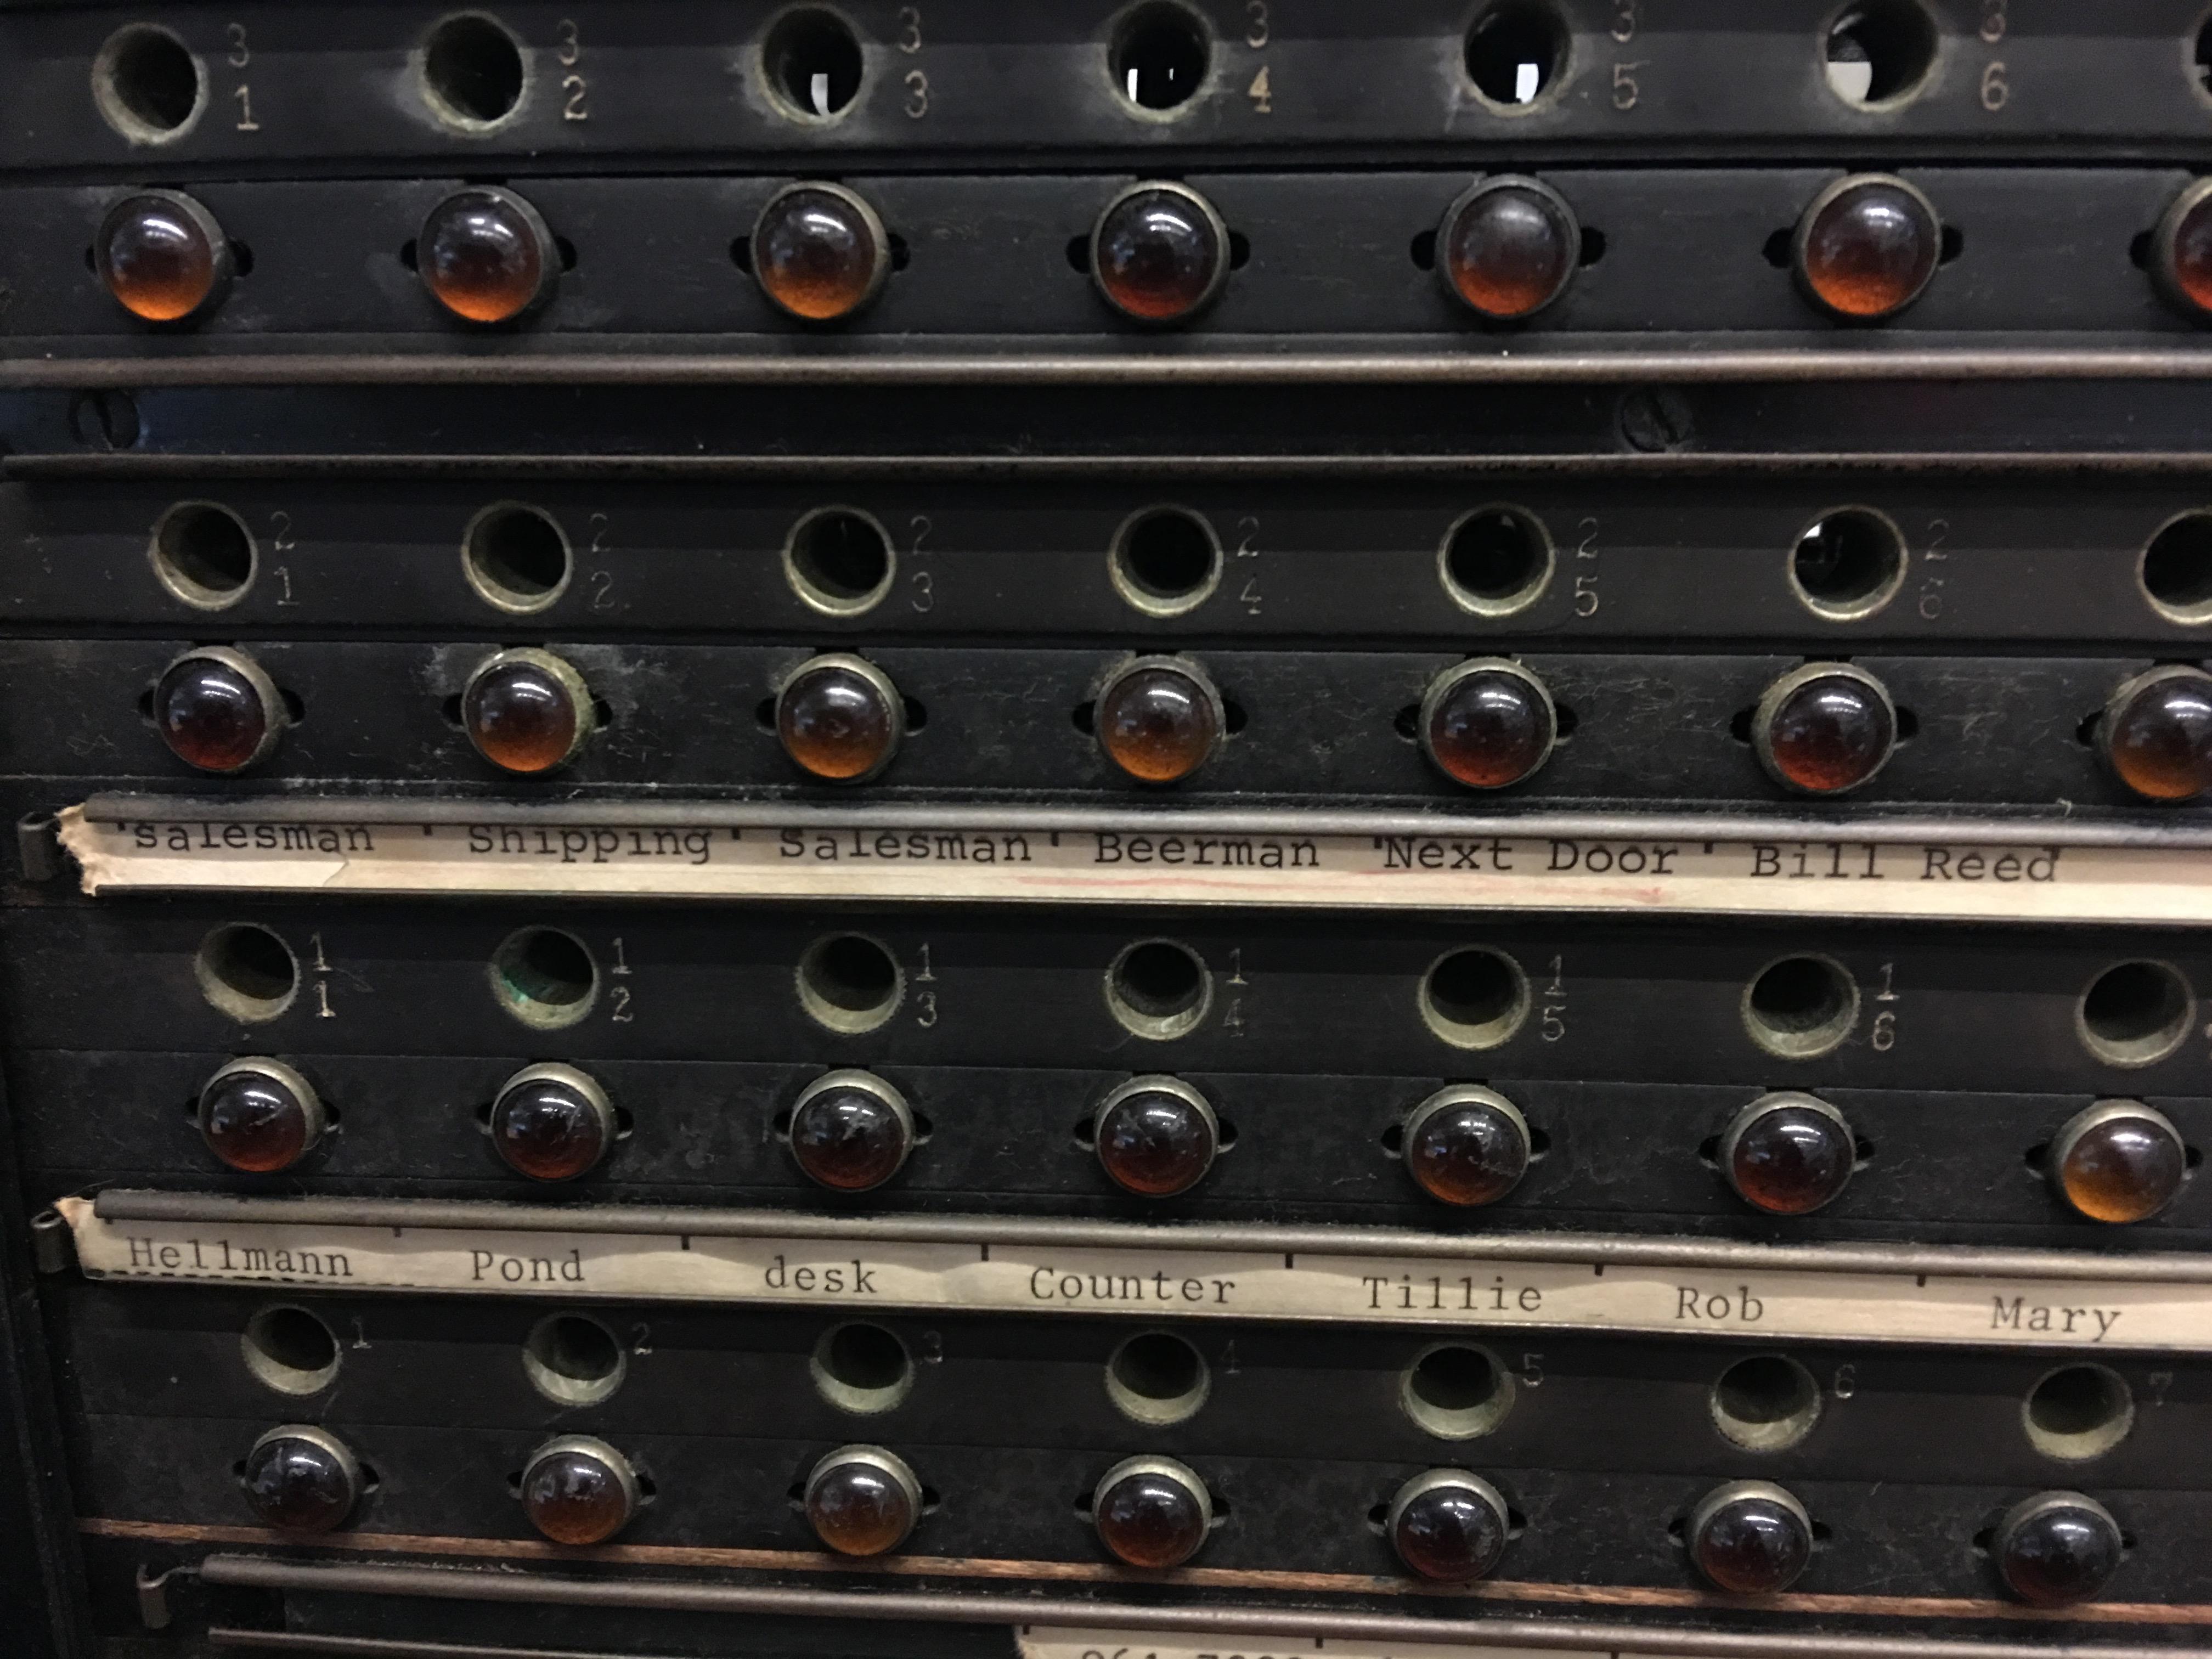 refurbishing a 1927 switchboard